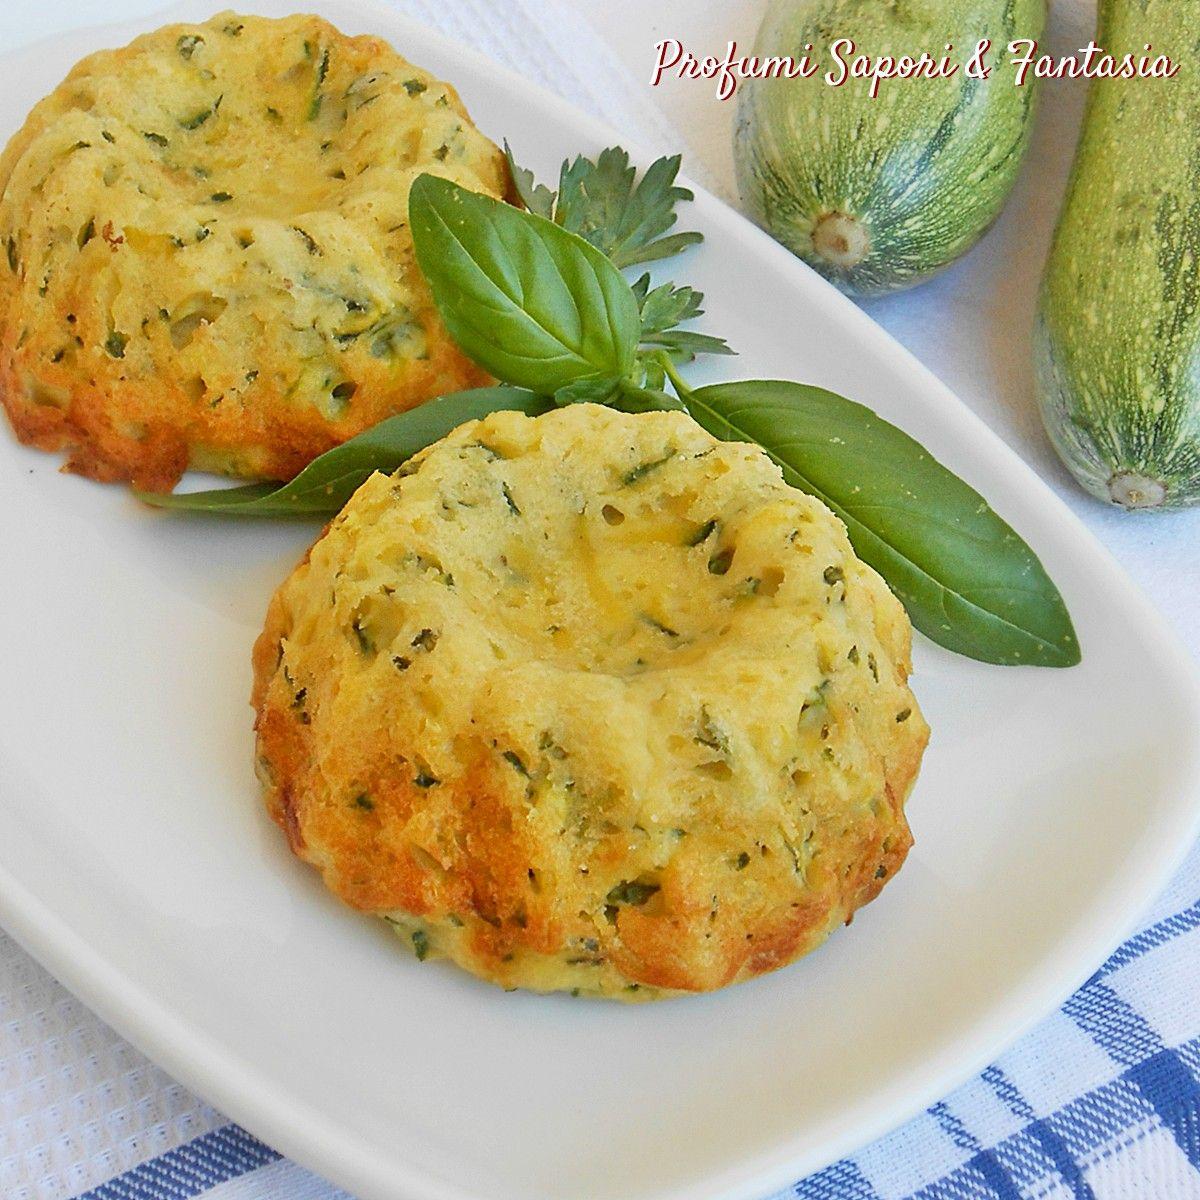 50ef8c53ea523825fddaa156b6985d6c - Ricette Con Zucchine E Patate